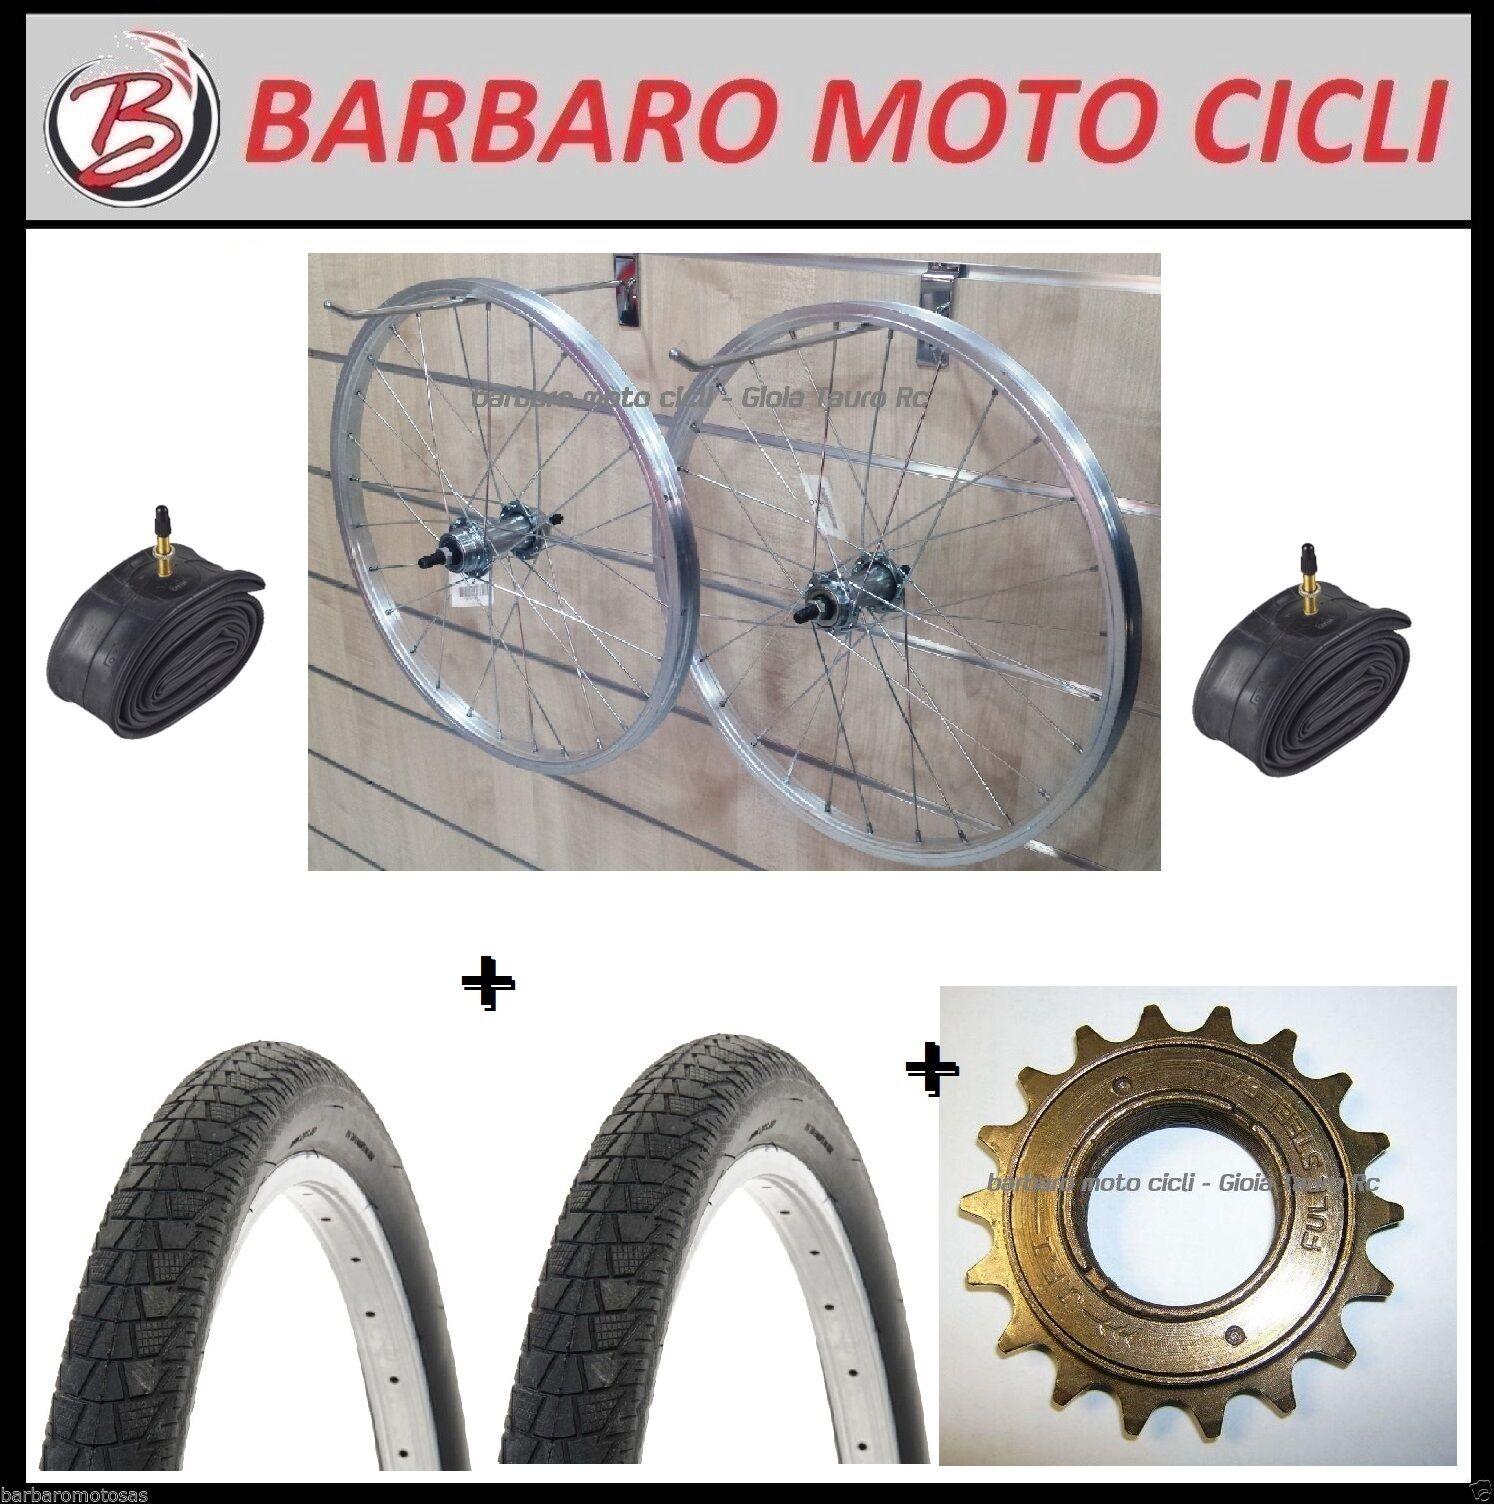 Par  De Ruedas + Neumáticos + Tubos + Piñón Z16 dientes 20X1.75 Bici Slick  Mercancía de alta calidad y servicio conveniente y honesto.